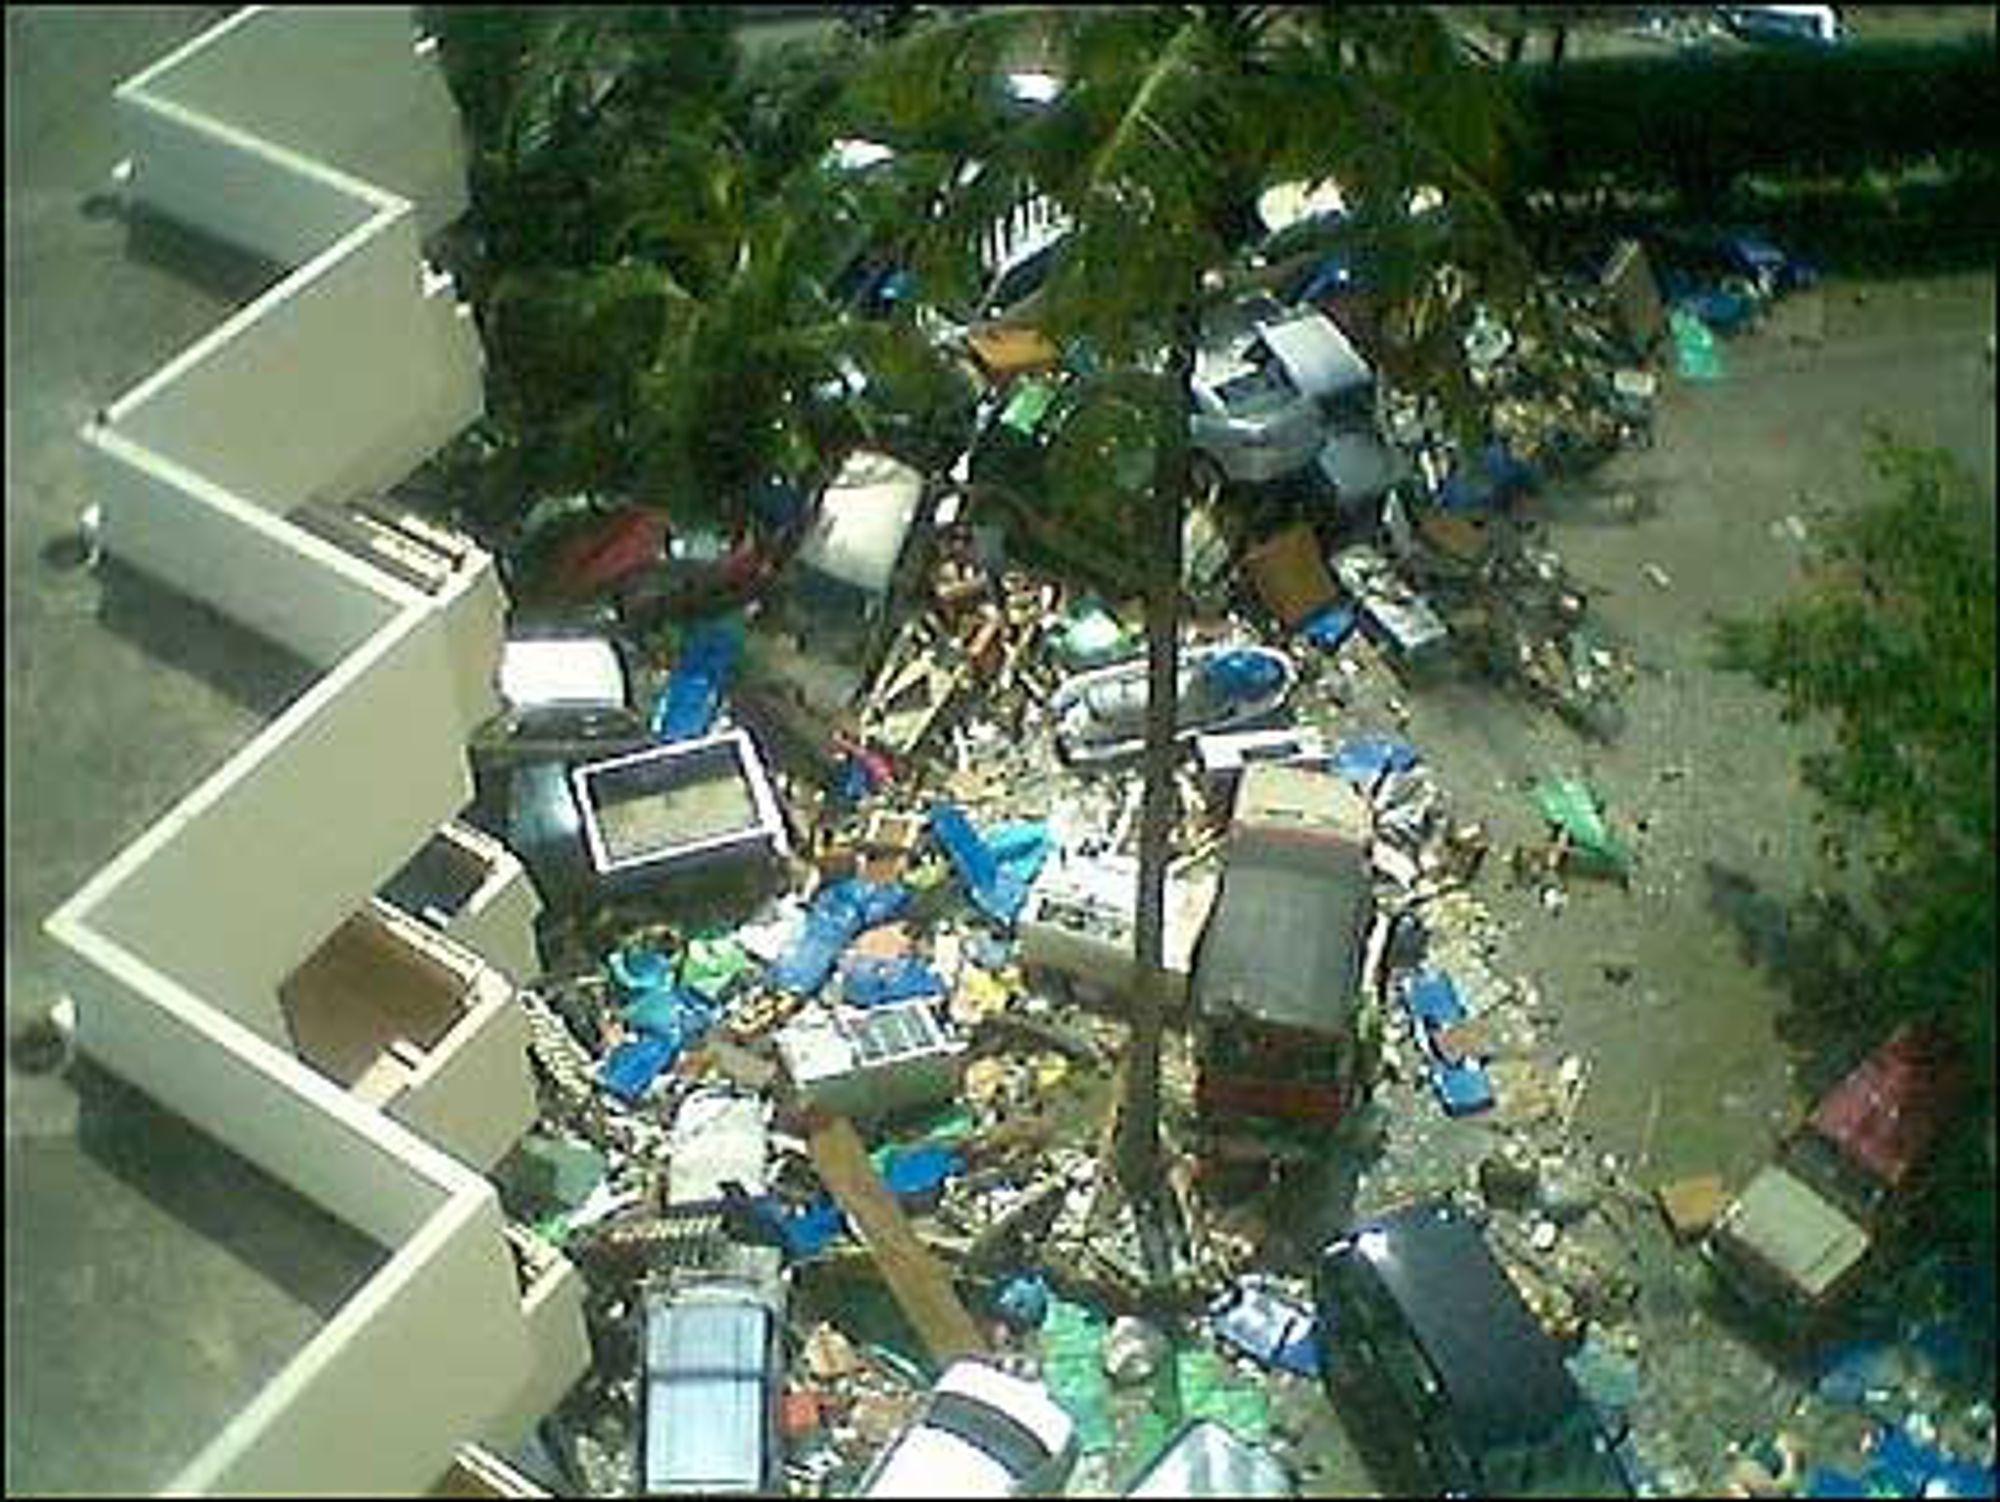 (Dette bildet av Tsunamikatastrofen lå på VG Nett tre kvarter før nyhetsbyråene fikk summet seg)